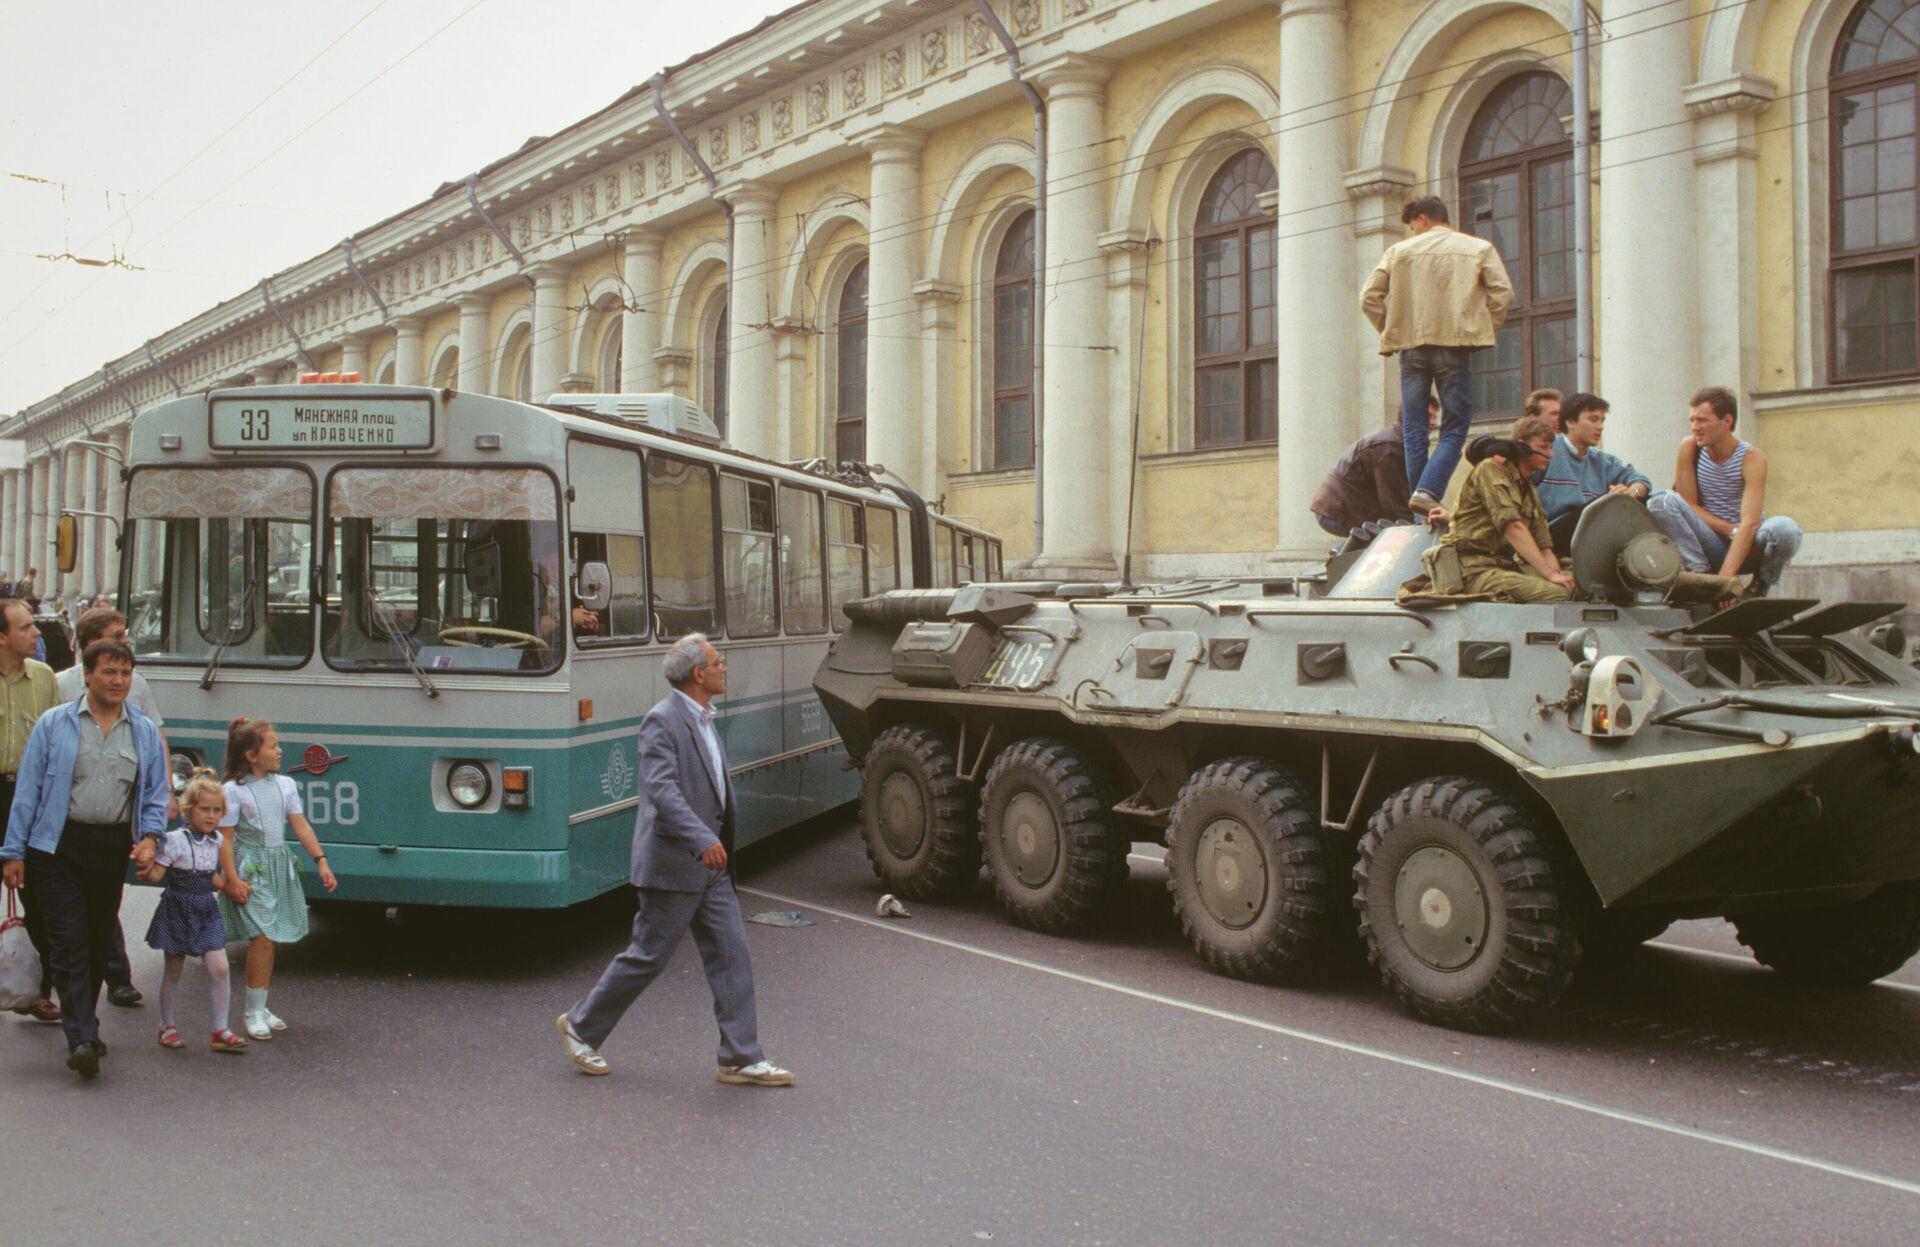 Августовски пуч у Совјетском Савезу 1991.  - Sputnik Србија, 1920, 18.08.2021